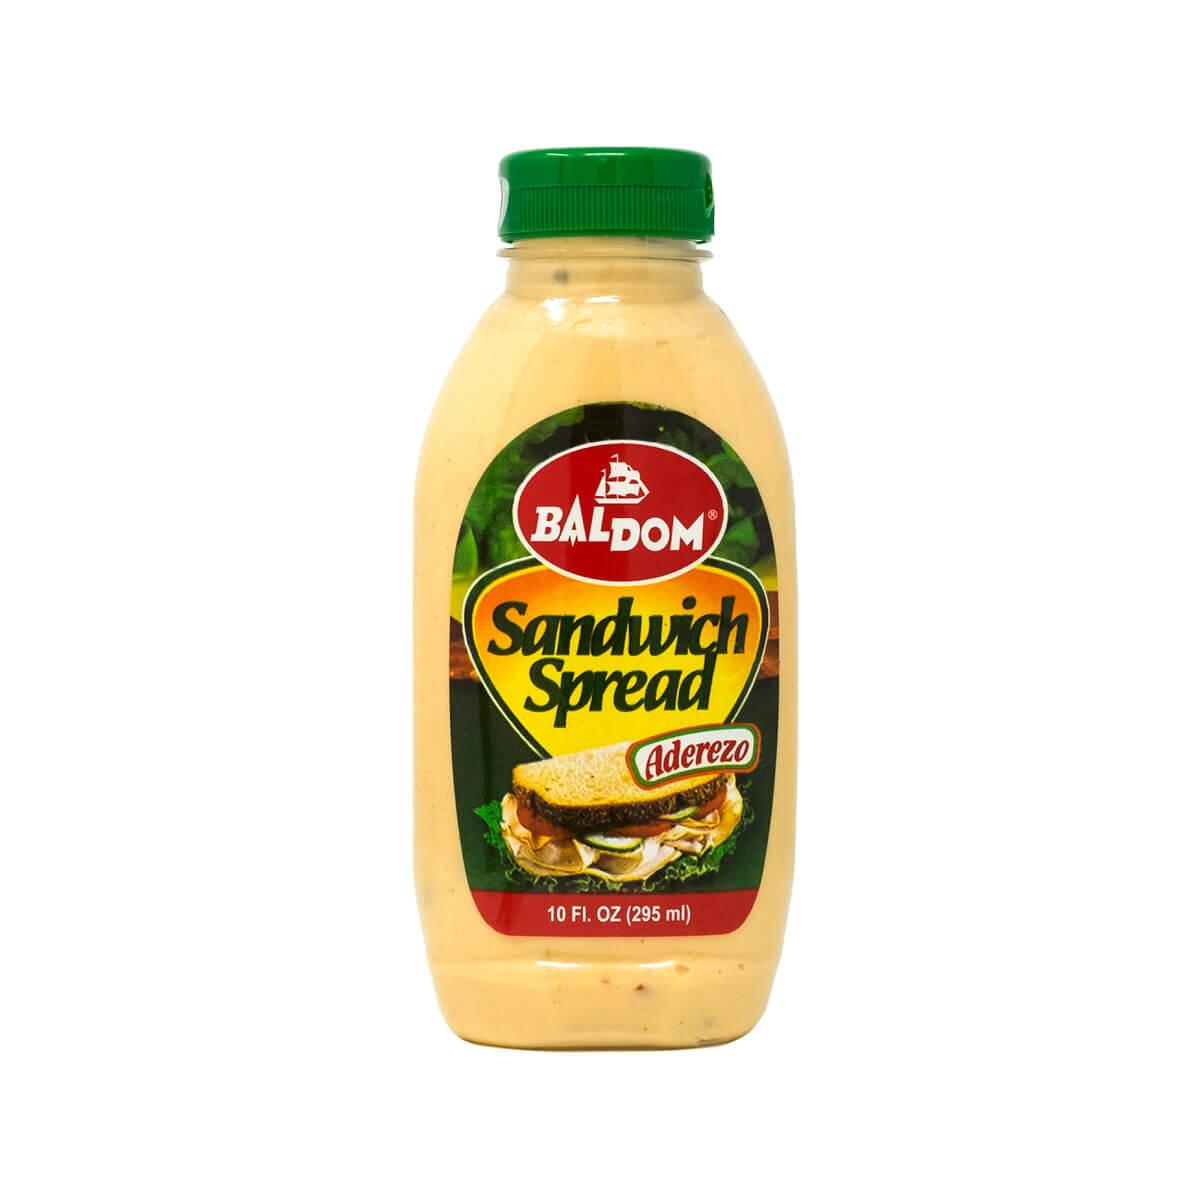 Sándwich spread aderezo